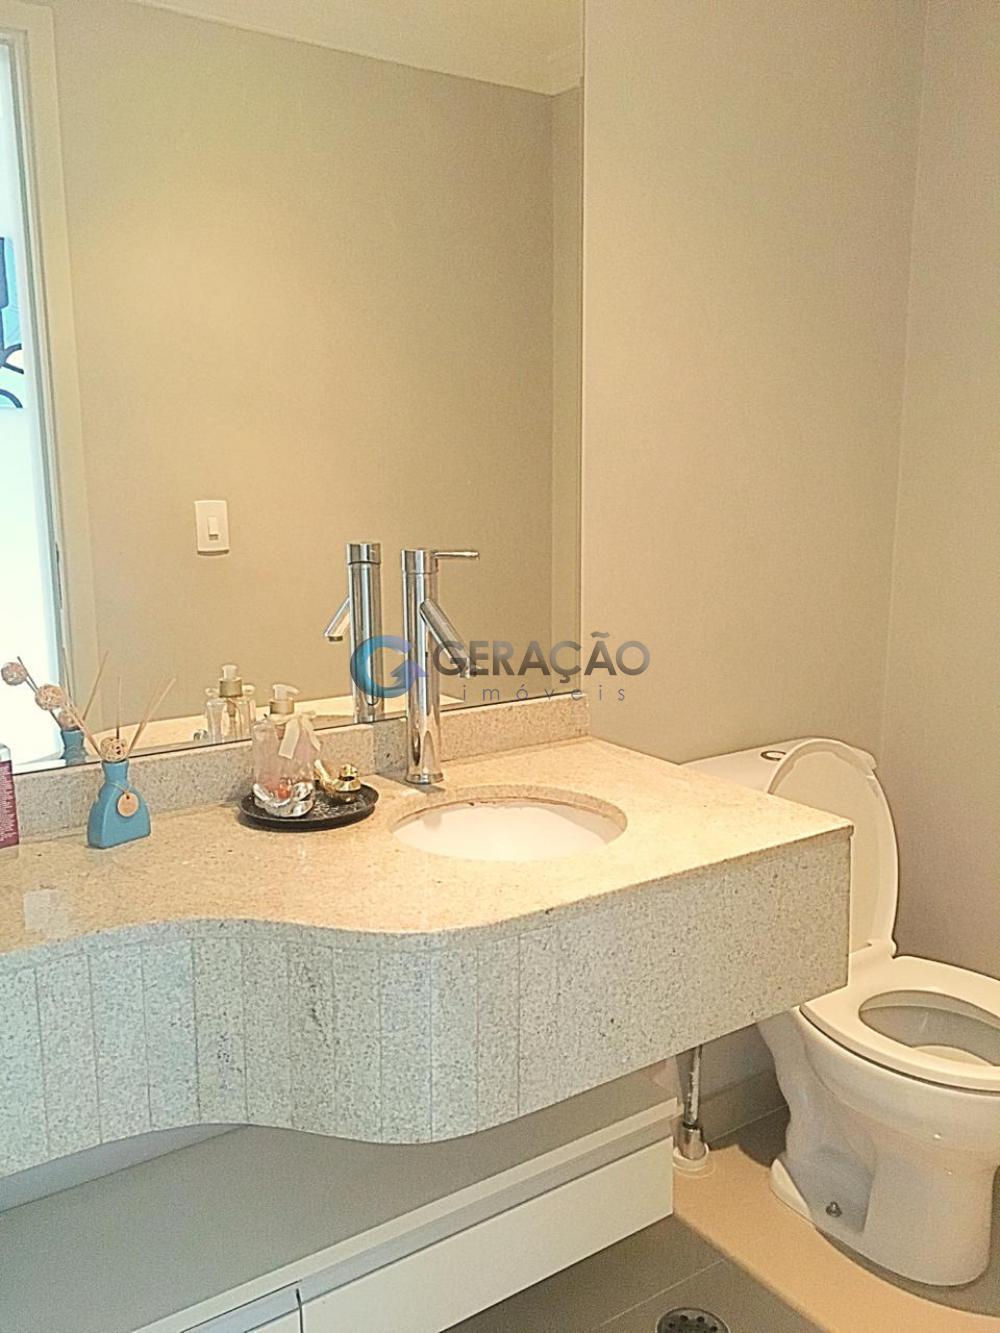 Comprar Apartamento / Padrão em São José dos Campos apenas R$ 1.300.000,00 - Foto 16